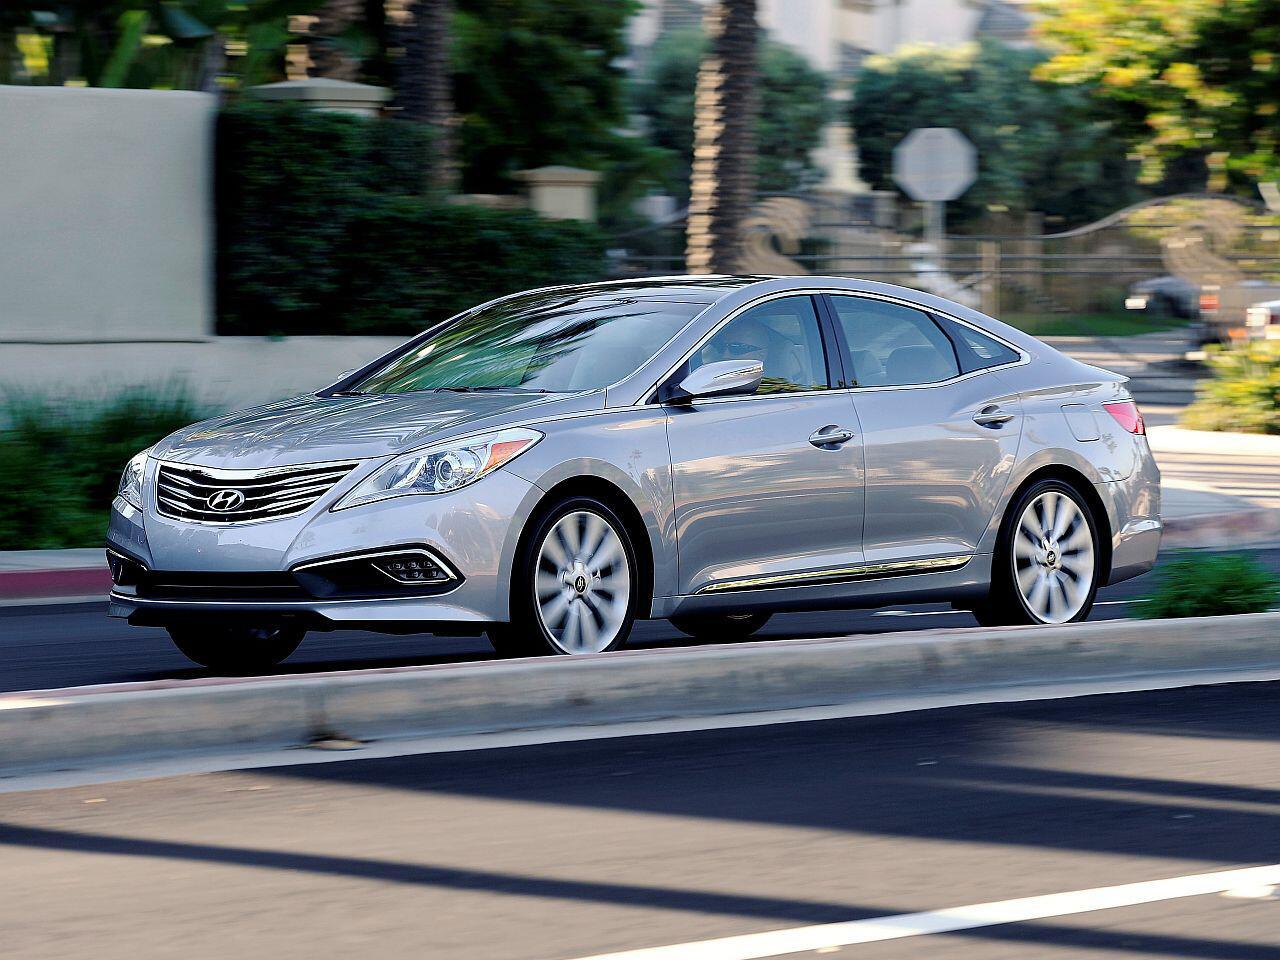 Bild zu Platz 5: Hyundai Azera/Grandeur